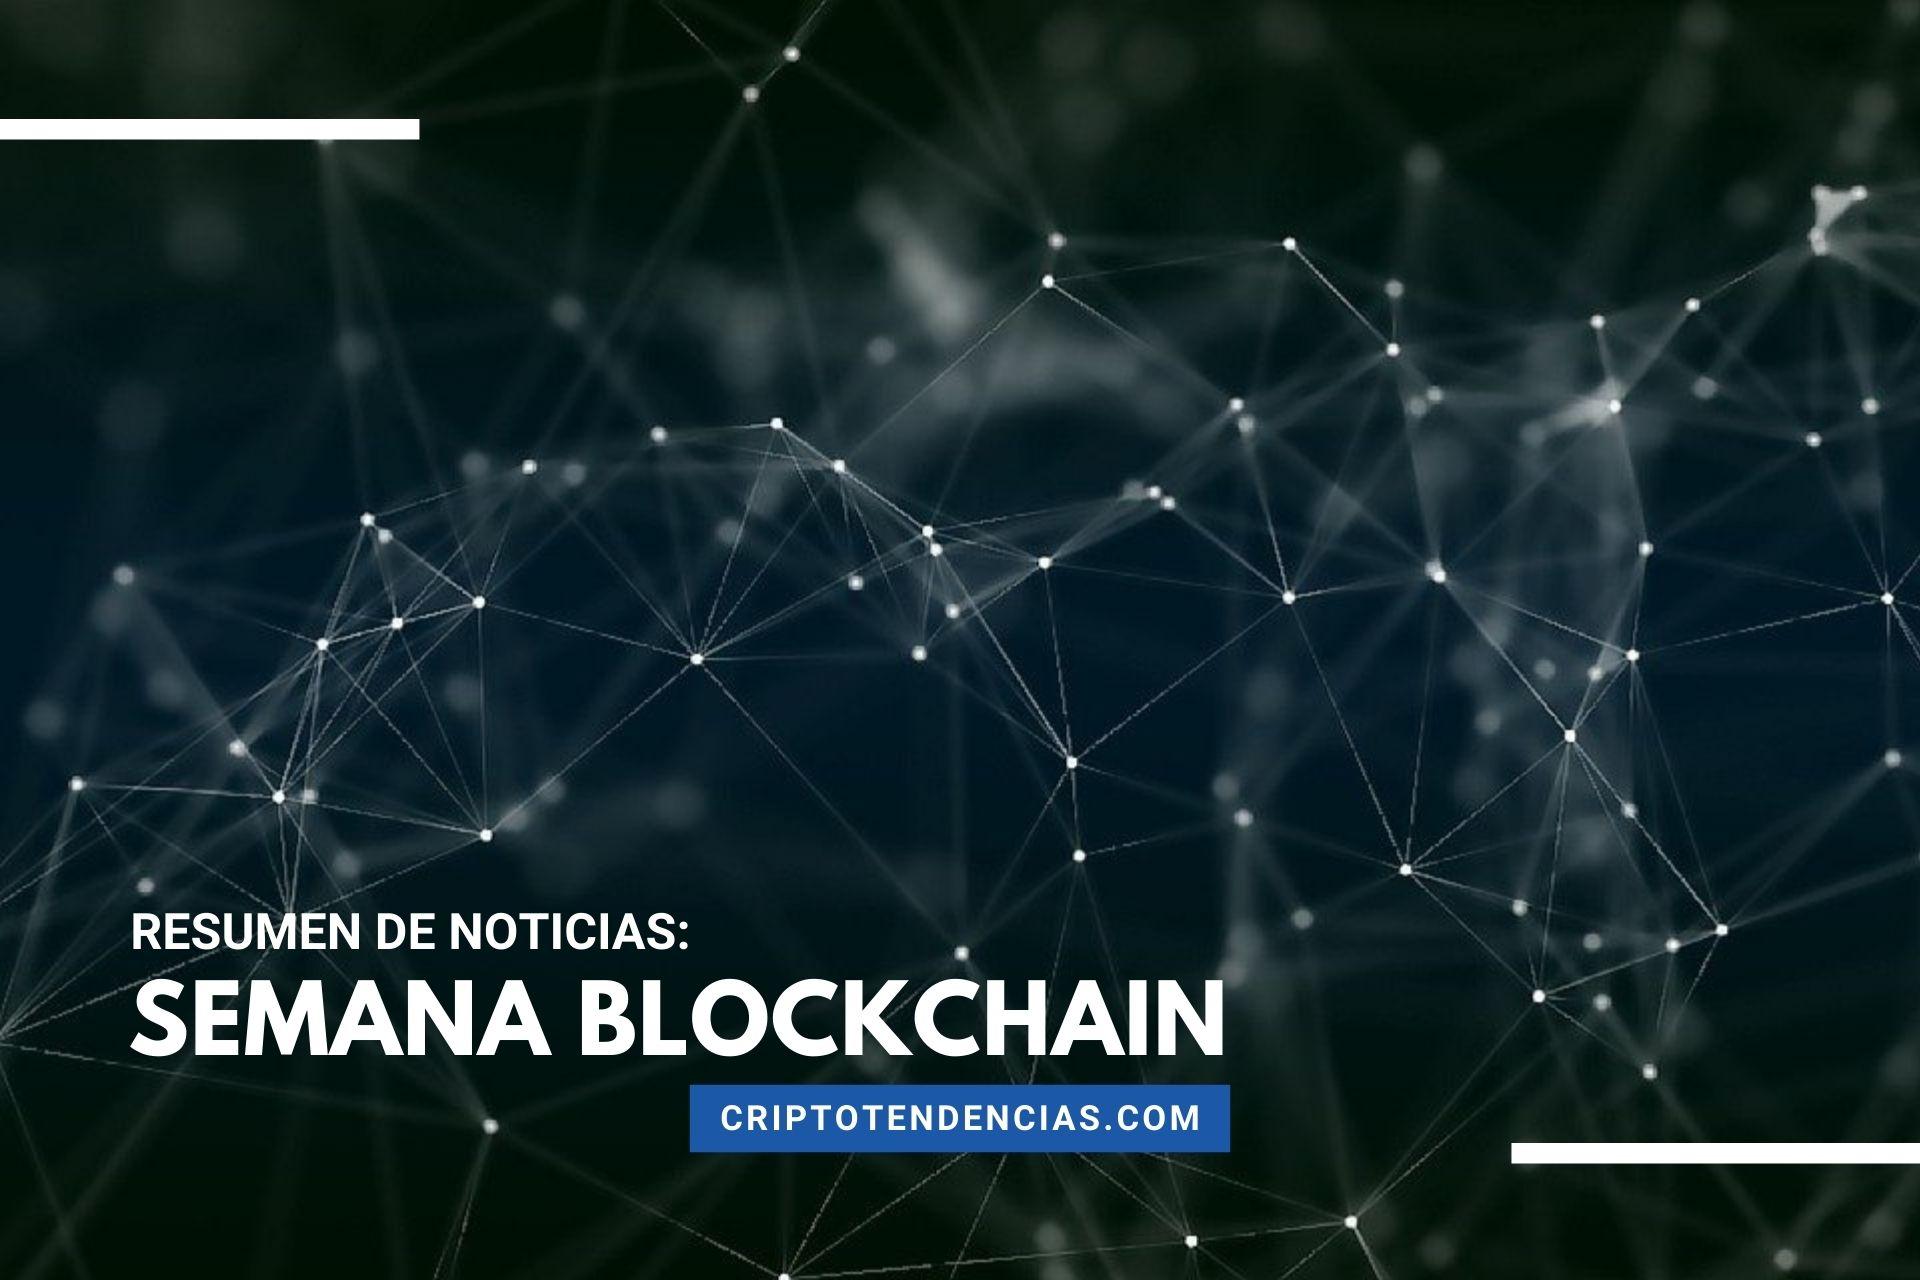 Semana Blockchain un resumen con las noticias más destacadas de la semana sobre la tecnología